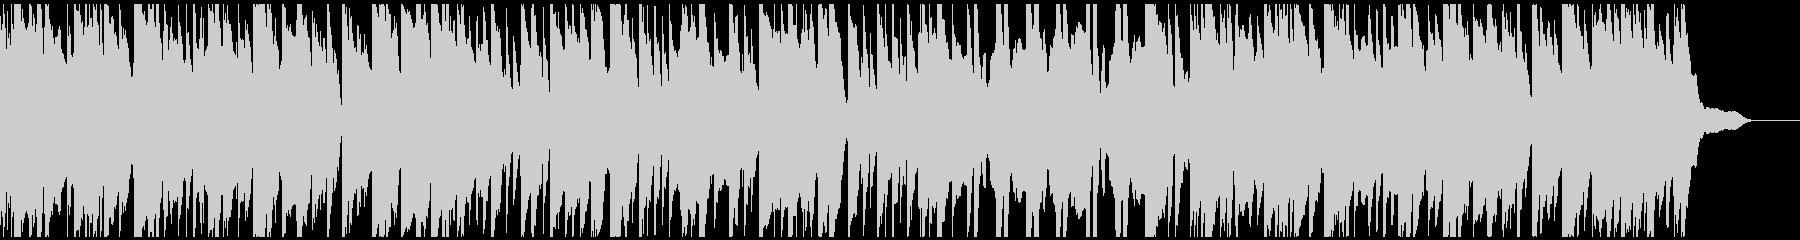 ピアノ、琴、ドゥドゥクでゆったり和な曲の未再生の波形